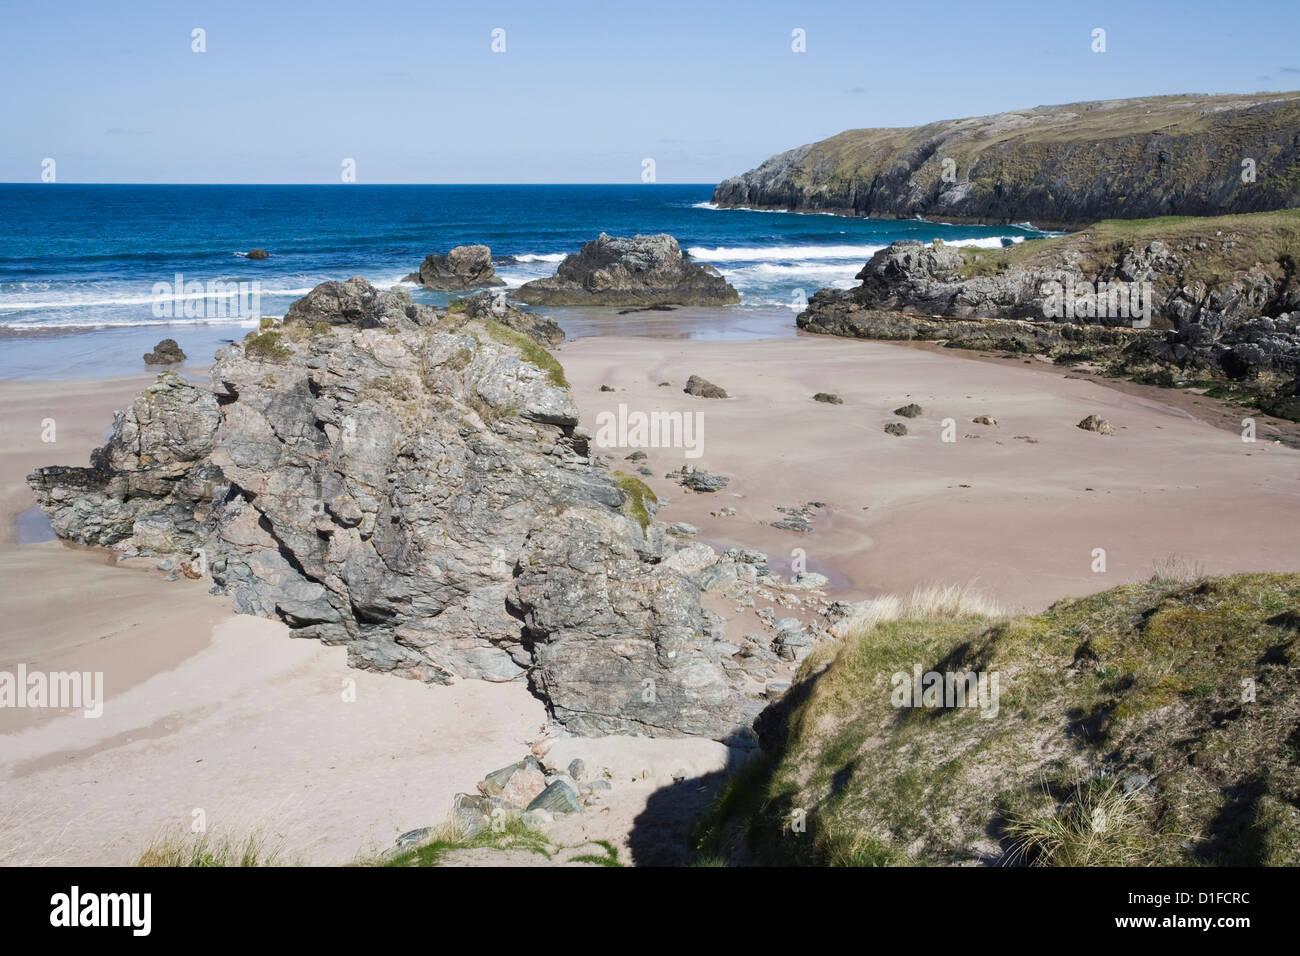 Sango Bay, Durness, Sutherland, Scotland, United Kingdom, Europe - Stock Image